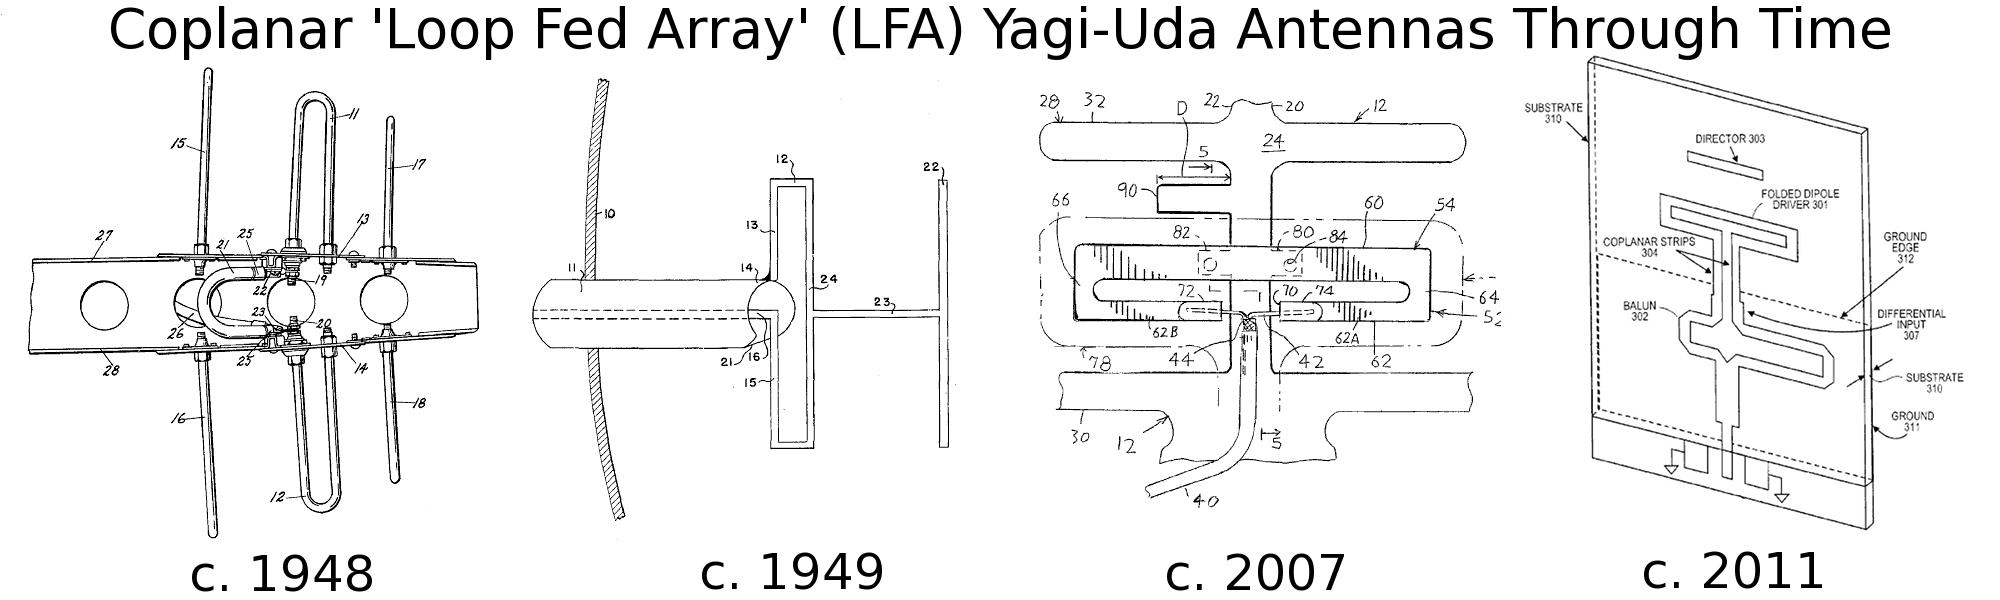 Coplanar LFA Yagi Antenna